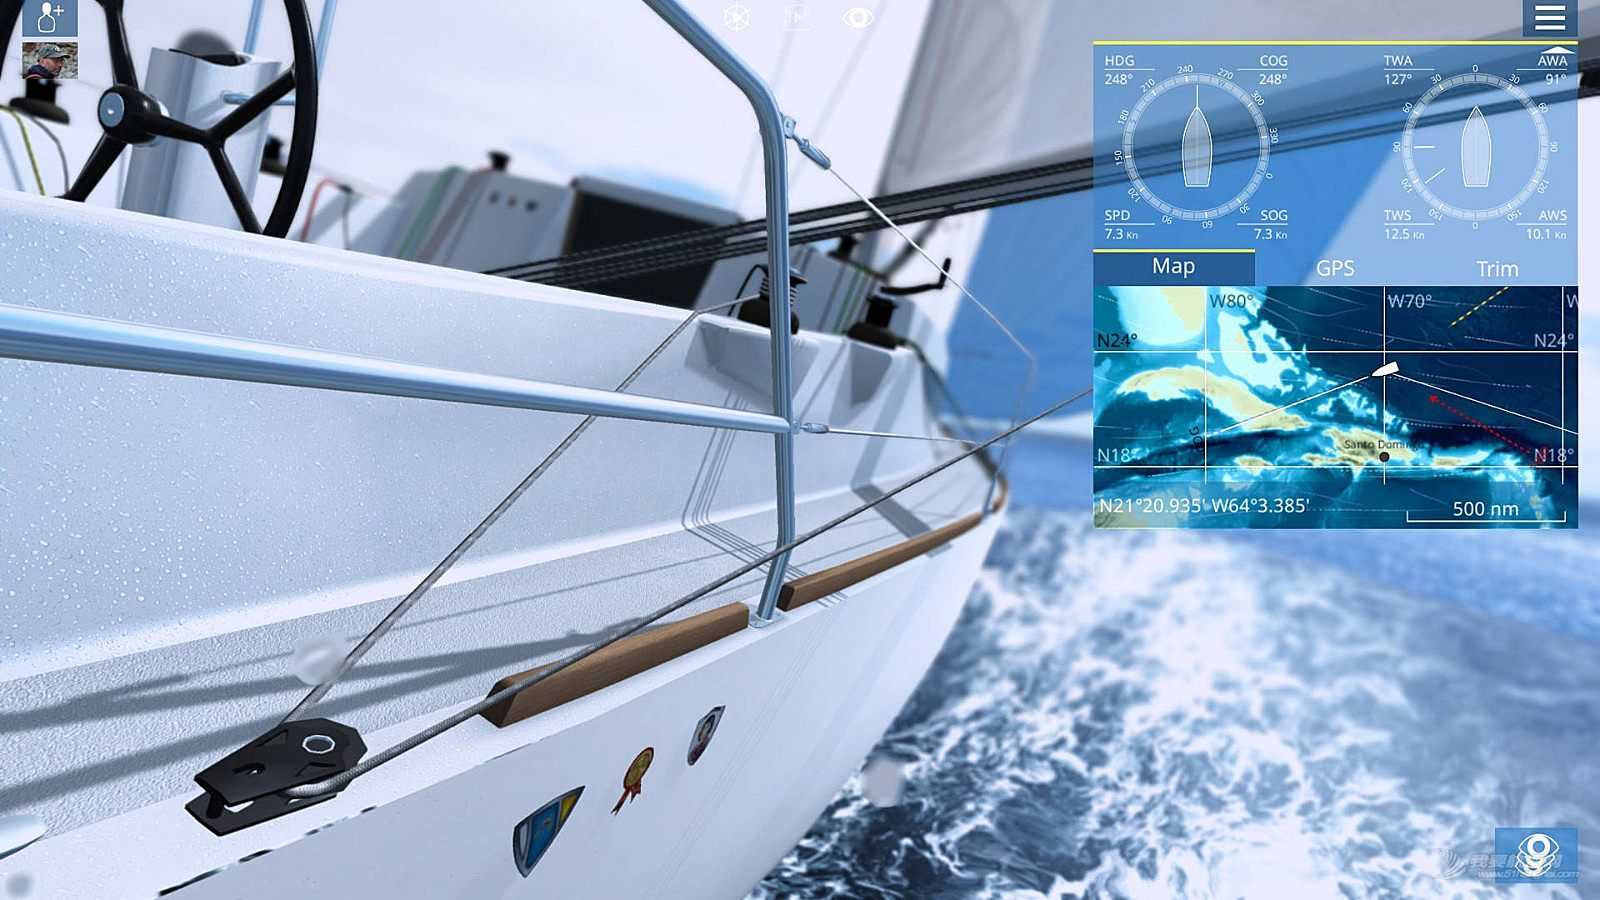 帆船模拟游戏 Sailaway - The Sailing Simulator